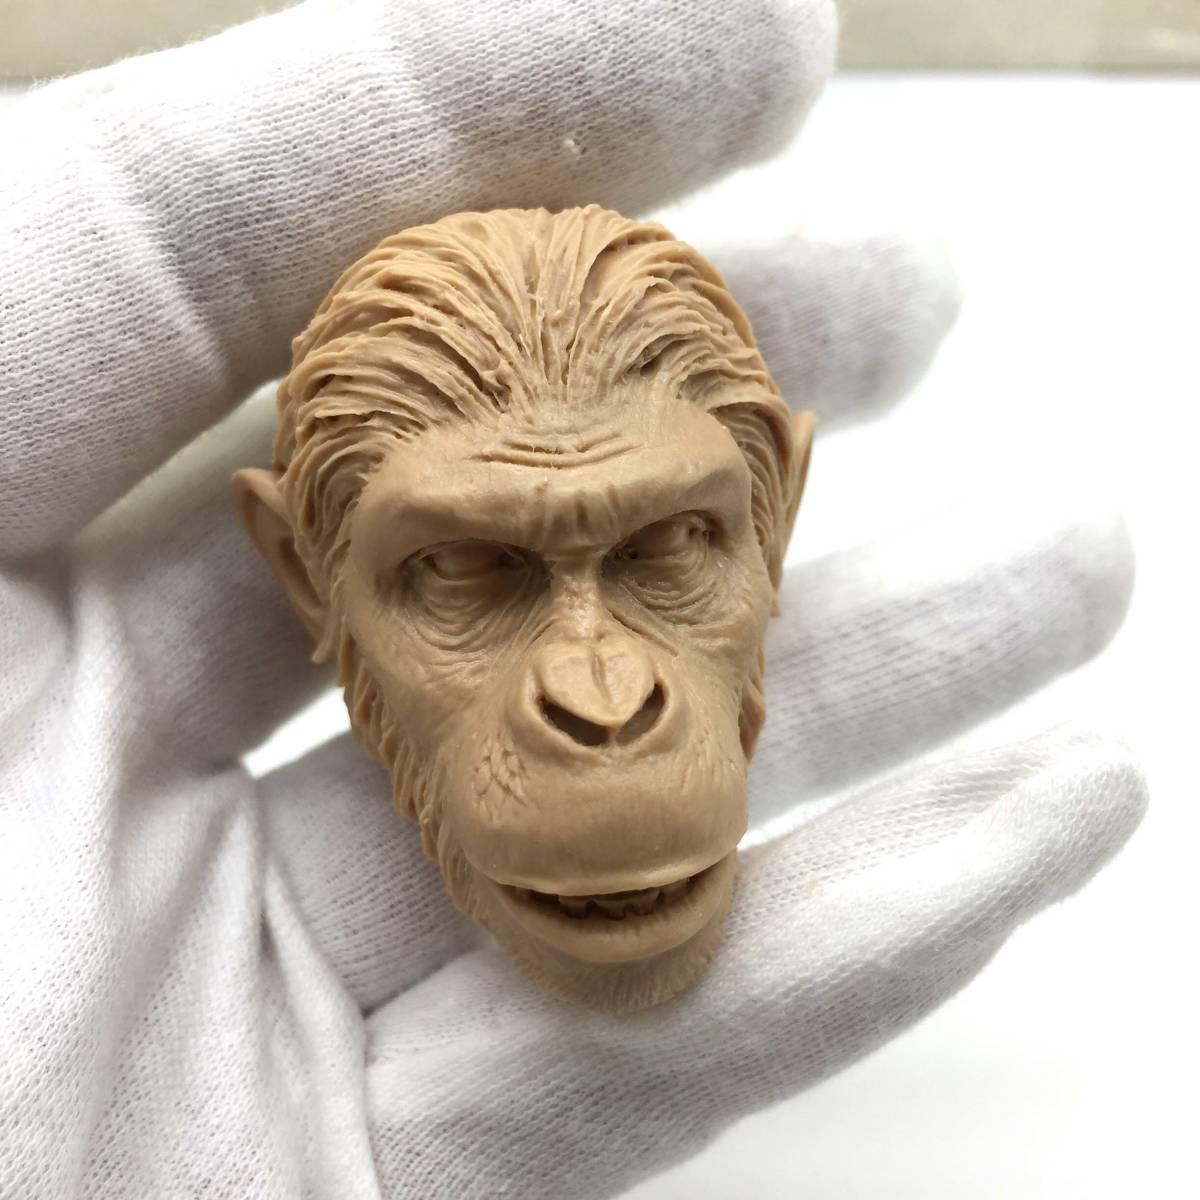 送料無料 1/6 DIY ヘッド 手作り 未塗装ヘッド 猿の惑星 番号B46_画像7